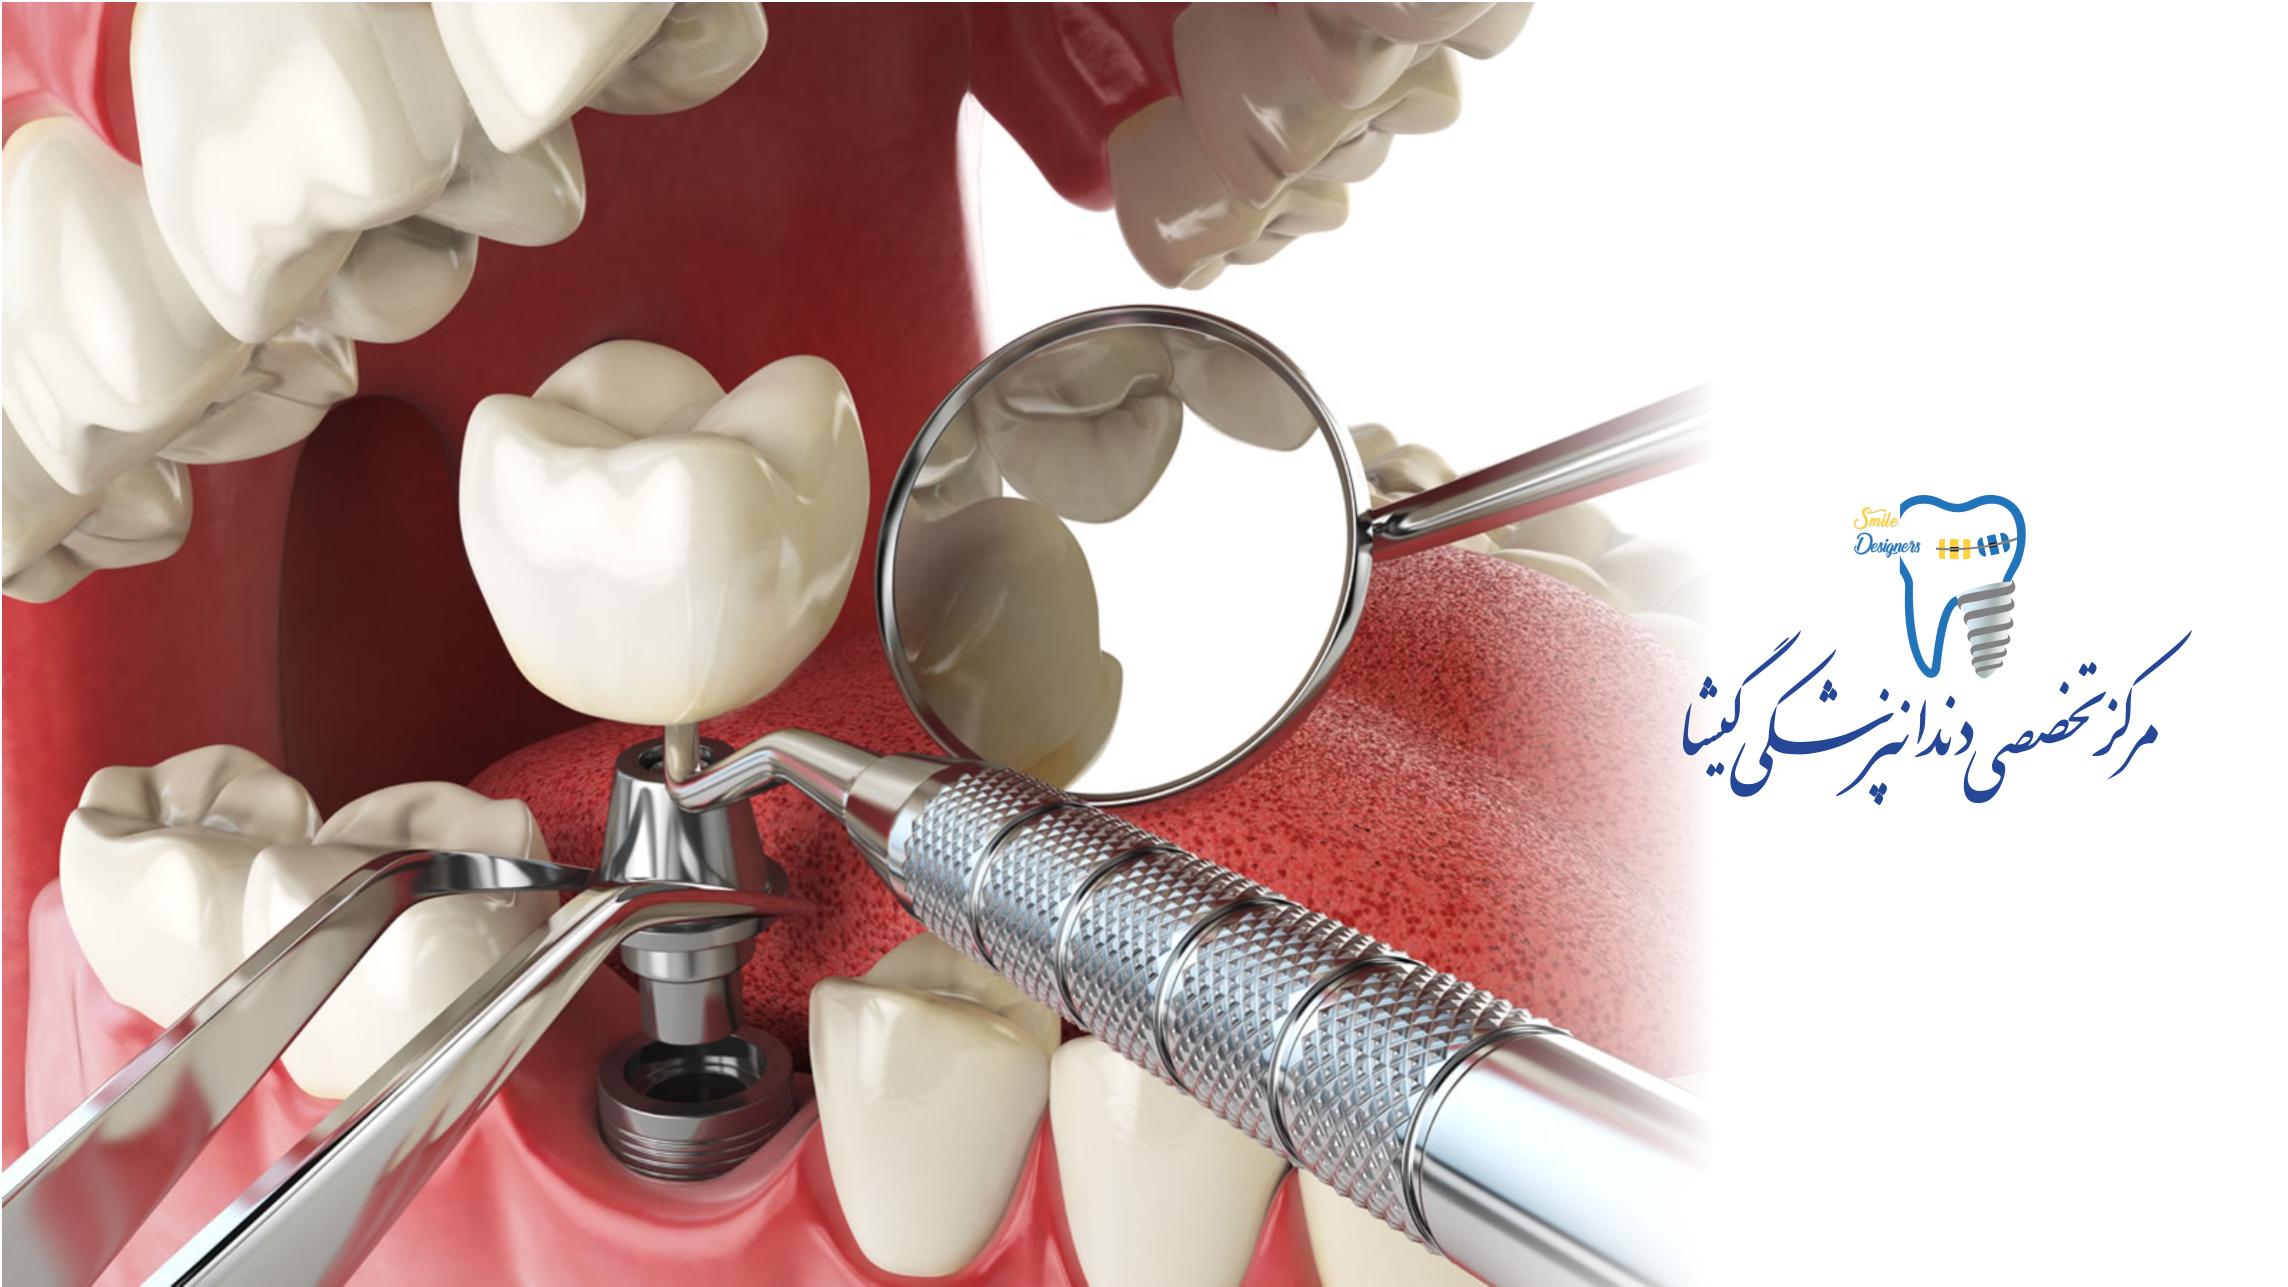 بهترین متخصص ایمپلنت دندان تهران دکتر گشاده رو